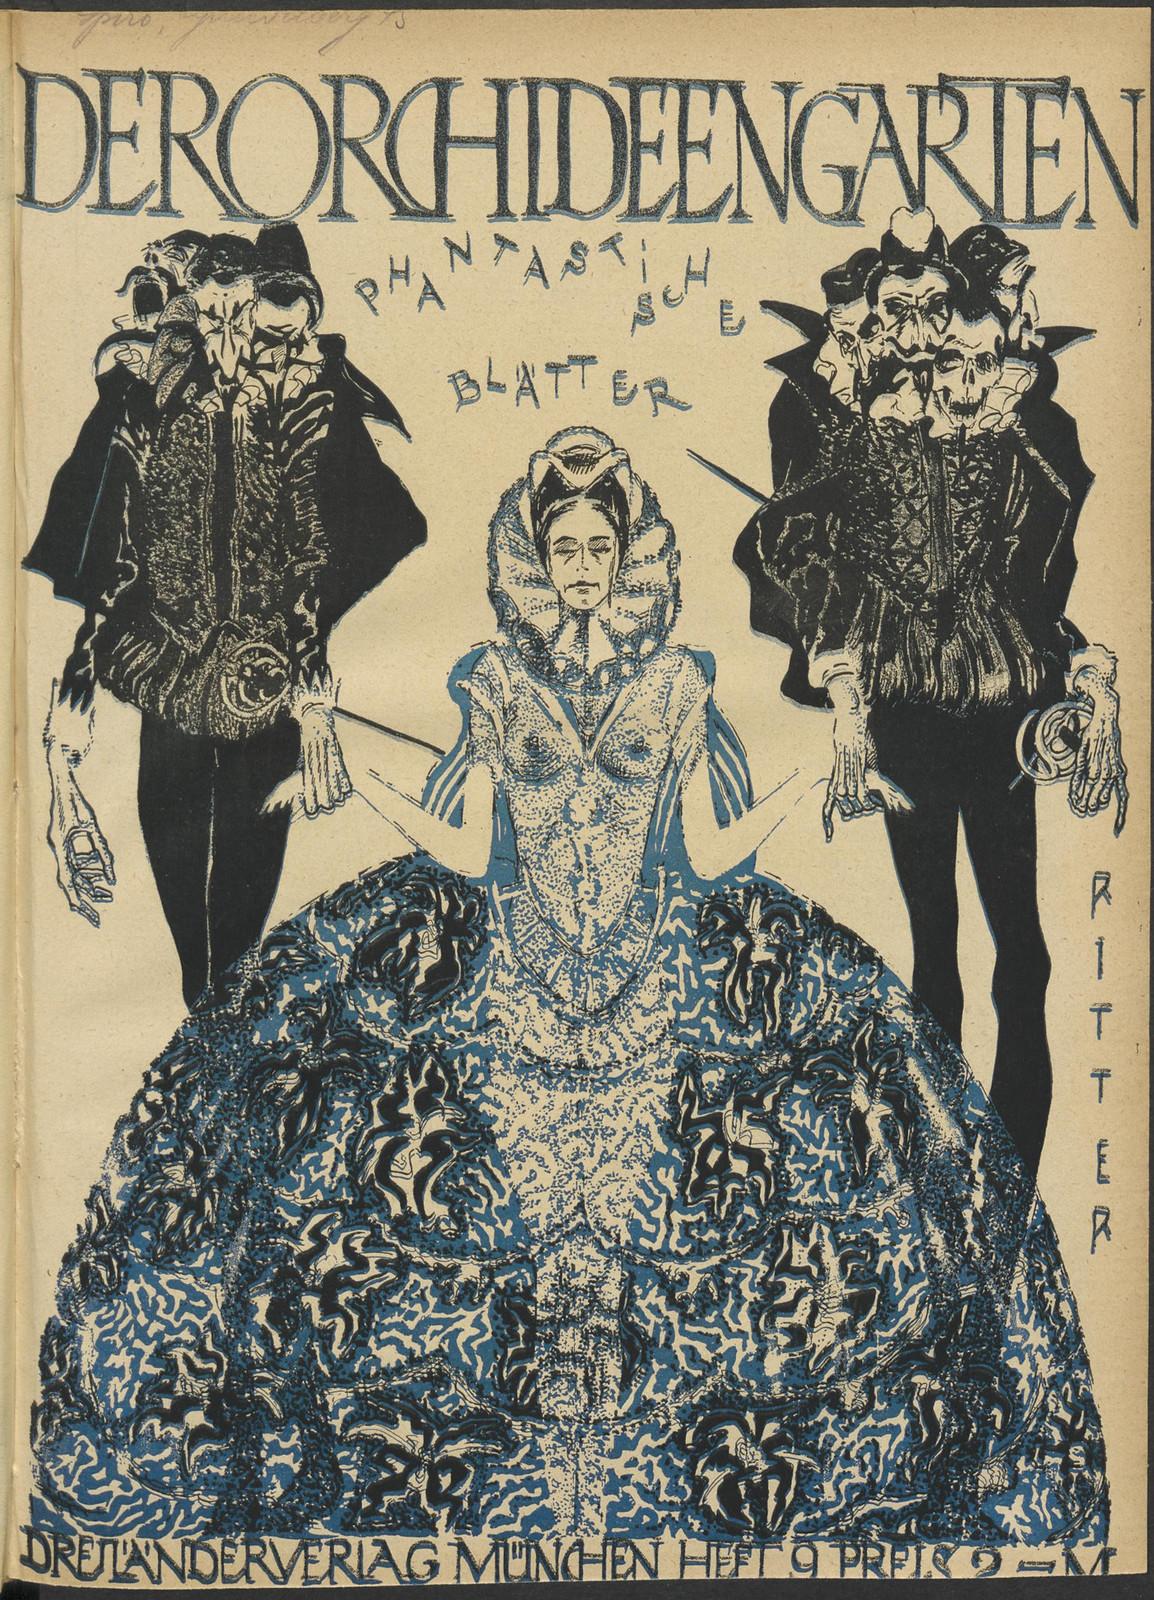 Der Orchideengarten - 1920 (Cover 9)